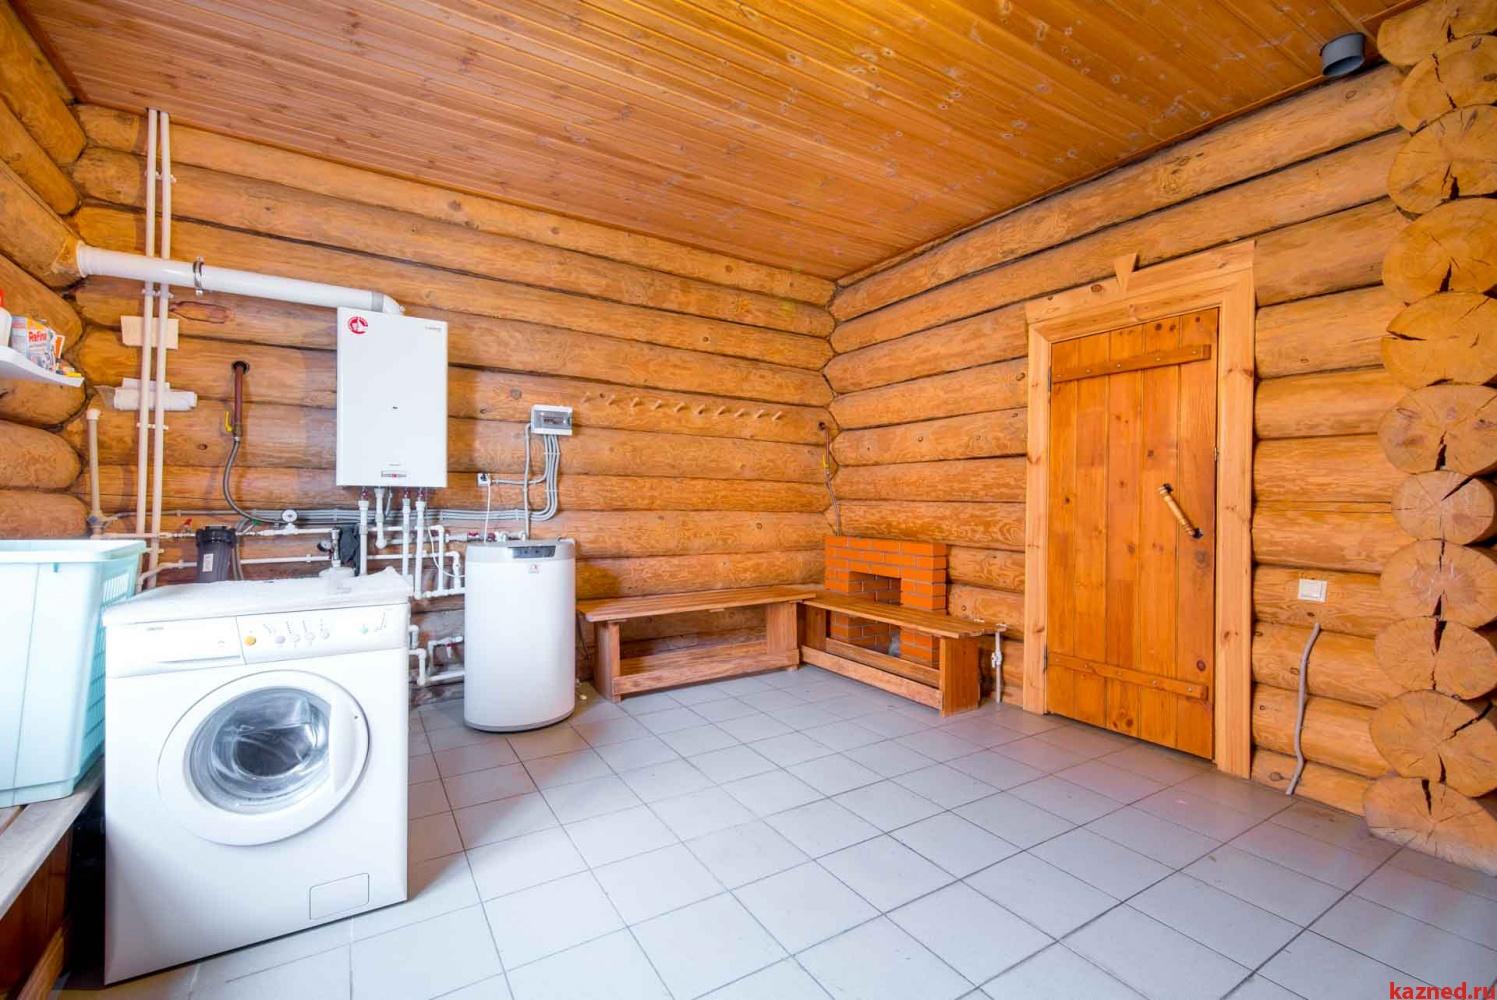 Продажа  Дома Зеленая д.13 пос. Новая Сосновка, 187 м2  (миниатюра №5)